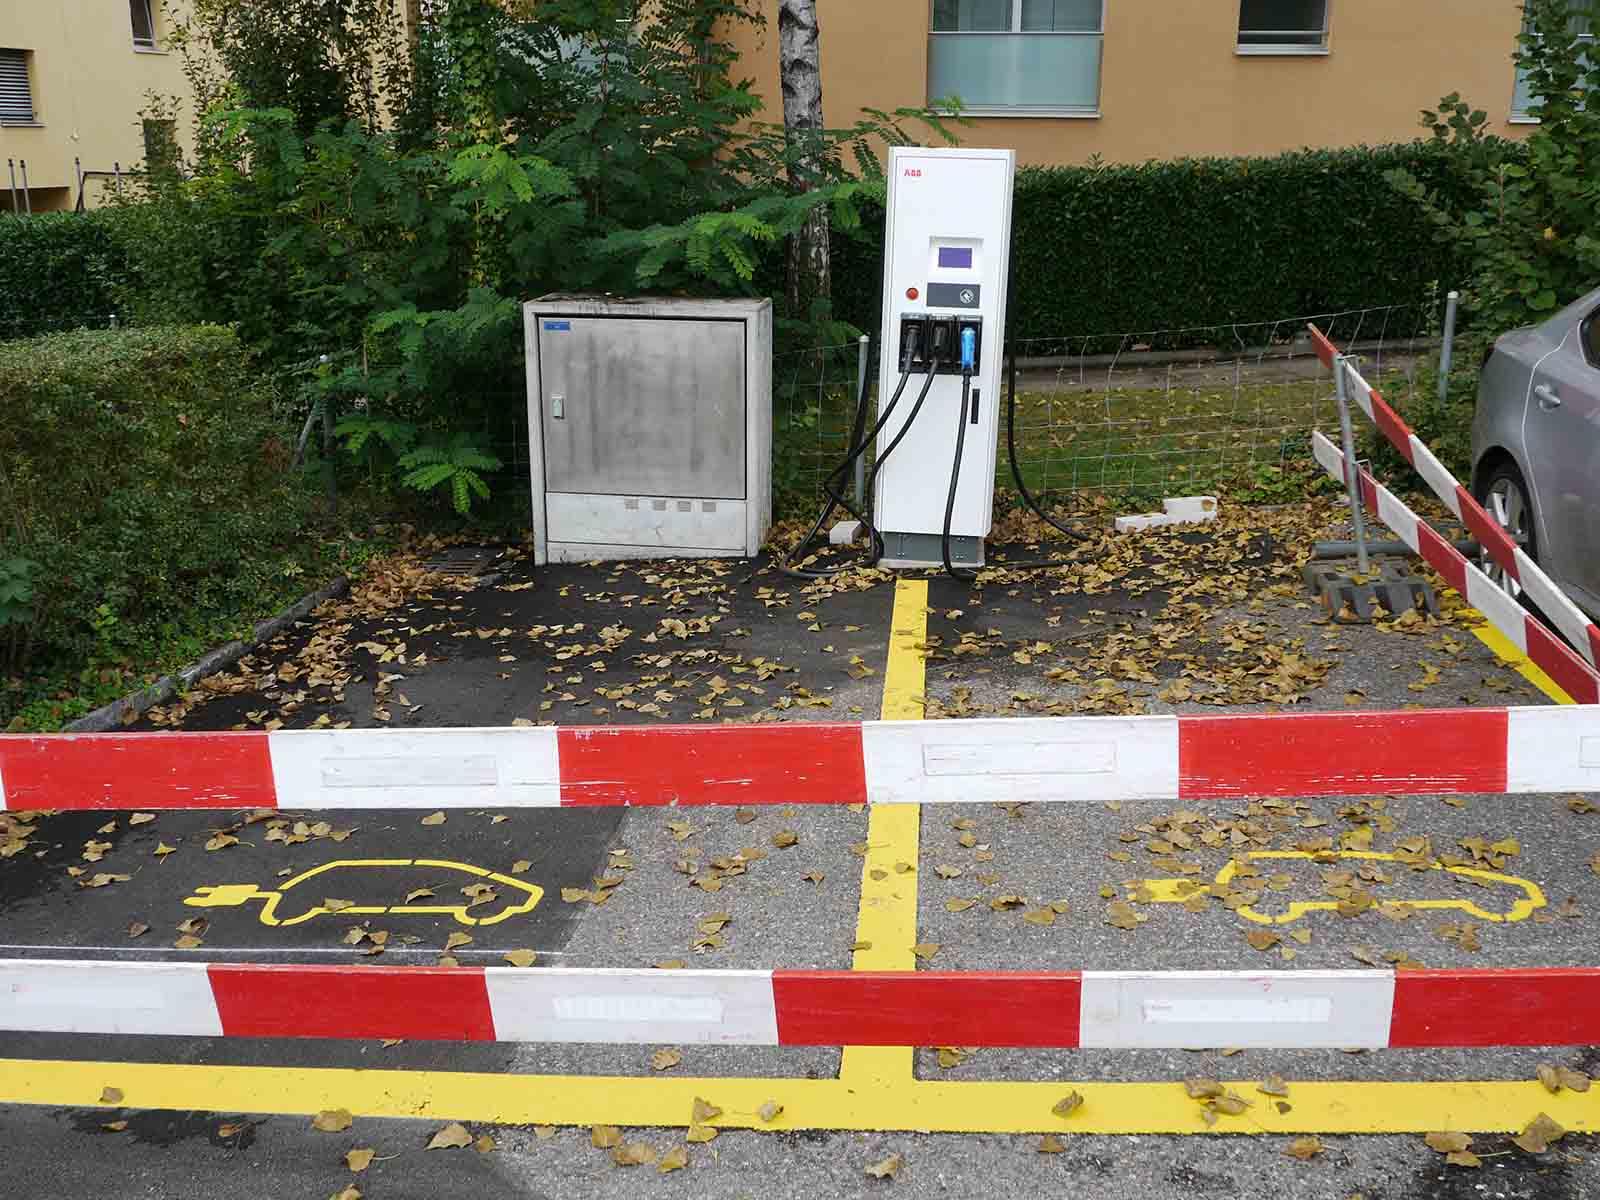 Noch stehen die Abschrankungen, doch bald können hier Elektrofahrzeuge geladen werden.